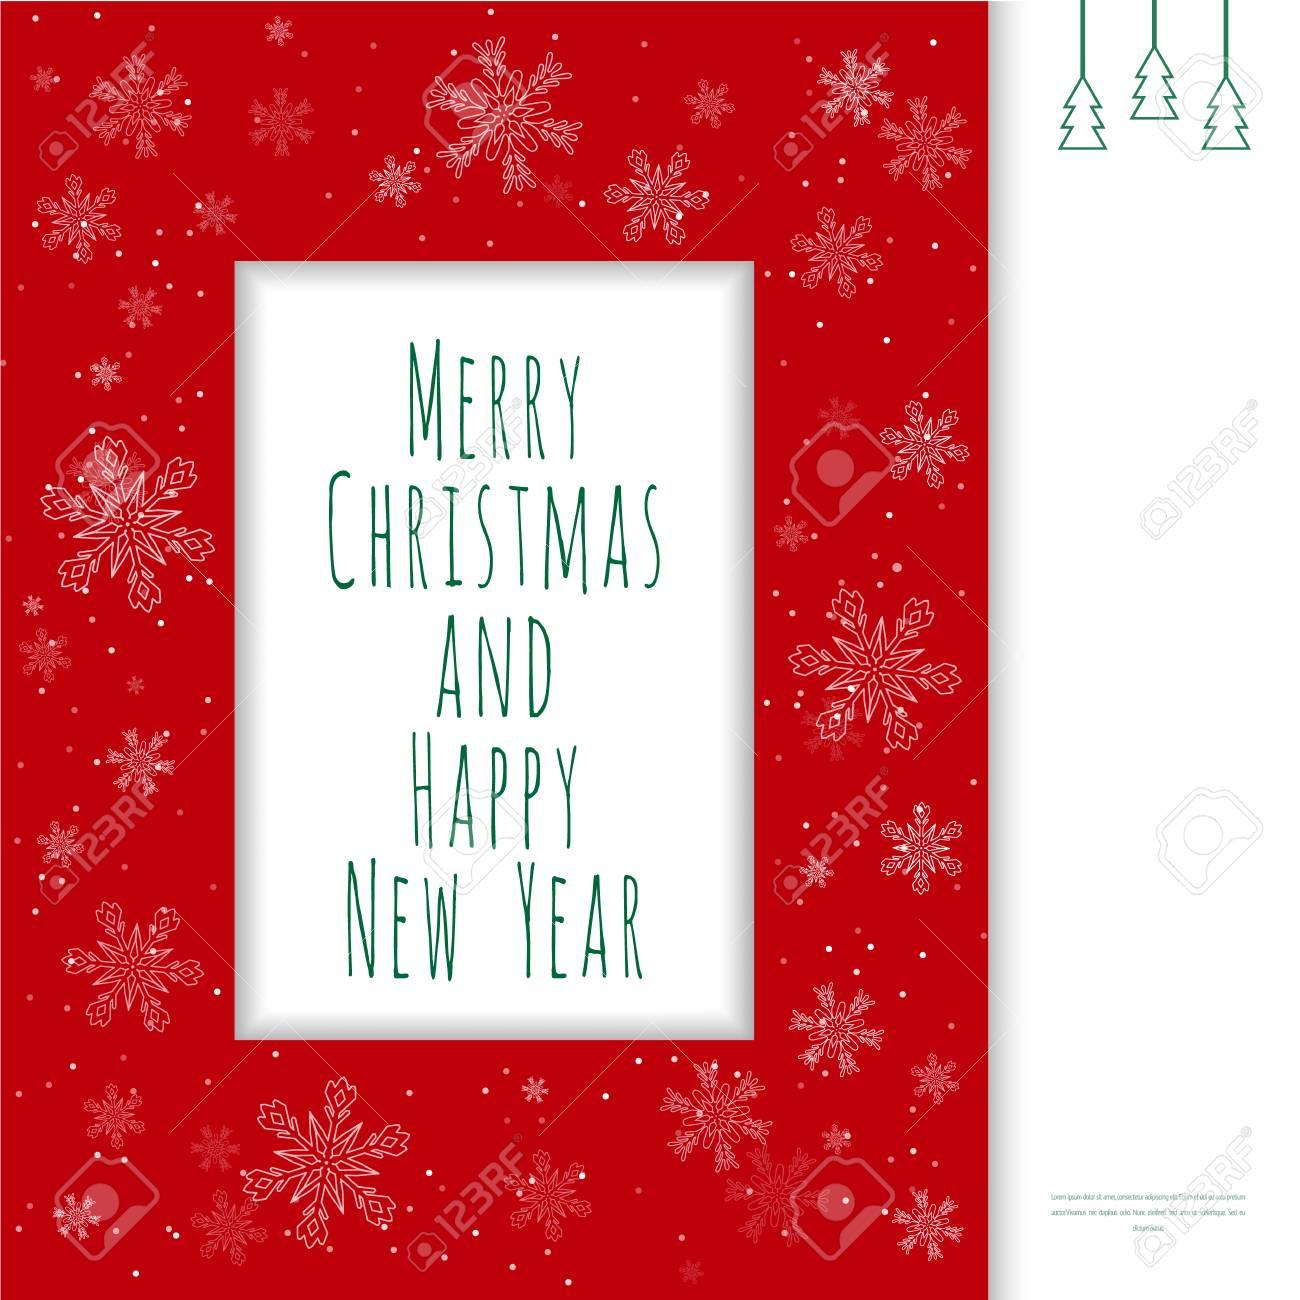 Weihnachtsgrußkarte. Roter Rahmen Mit Schneeflocken Und Textfeld Ein ...